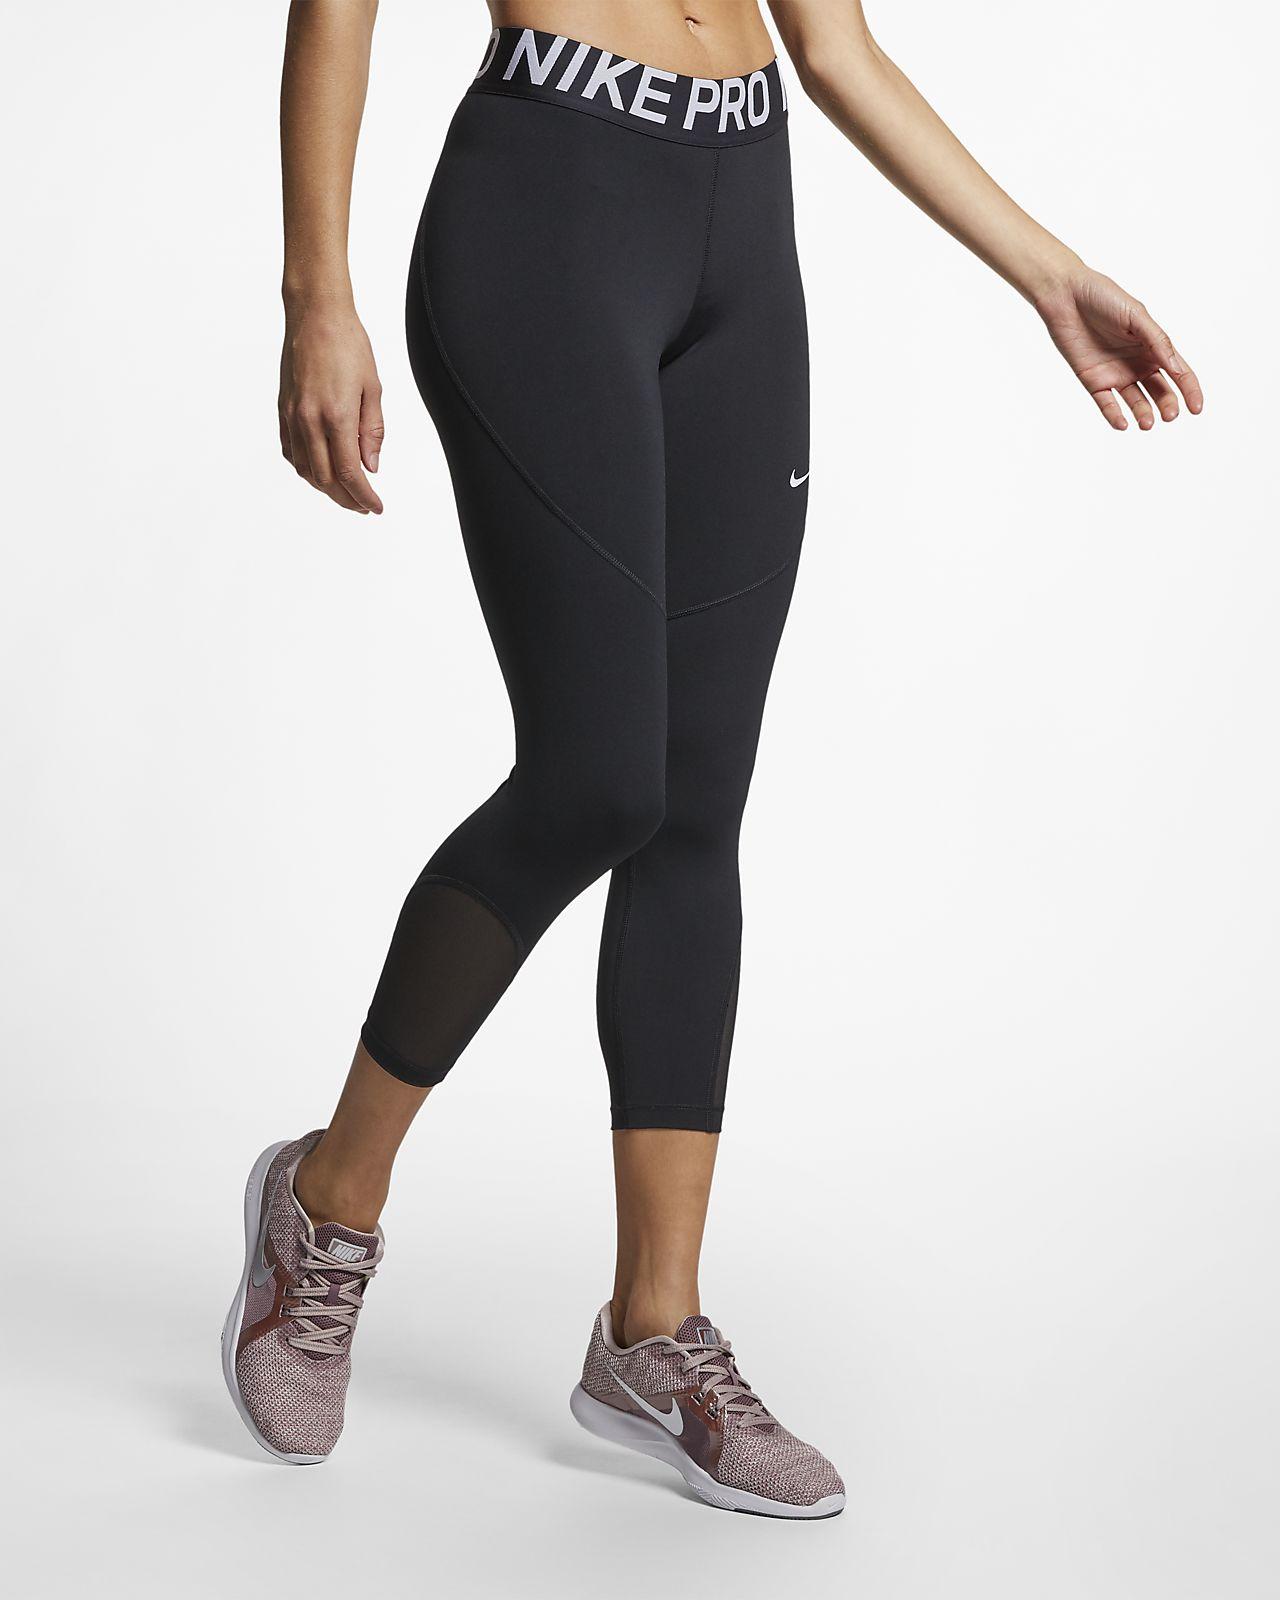 Nike Pro Malles de tres quarts - Dona